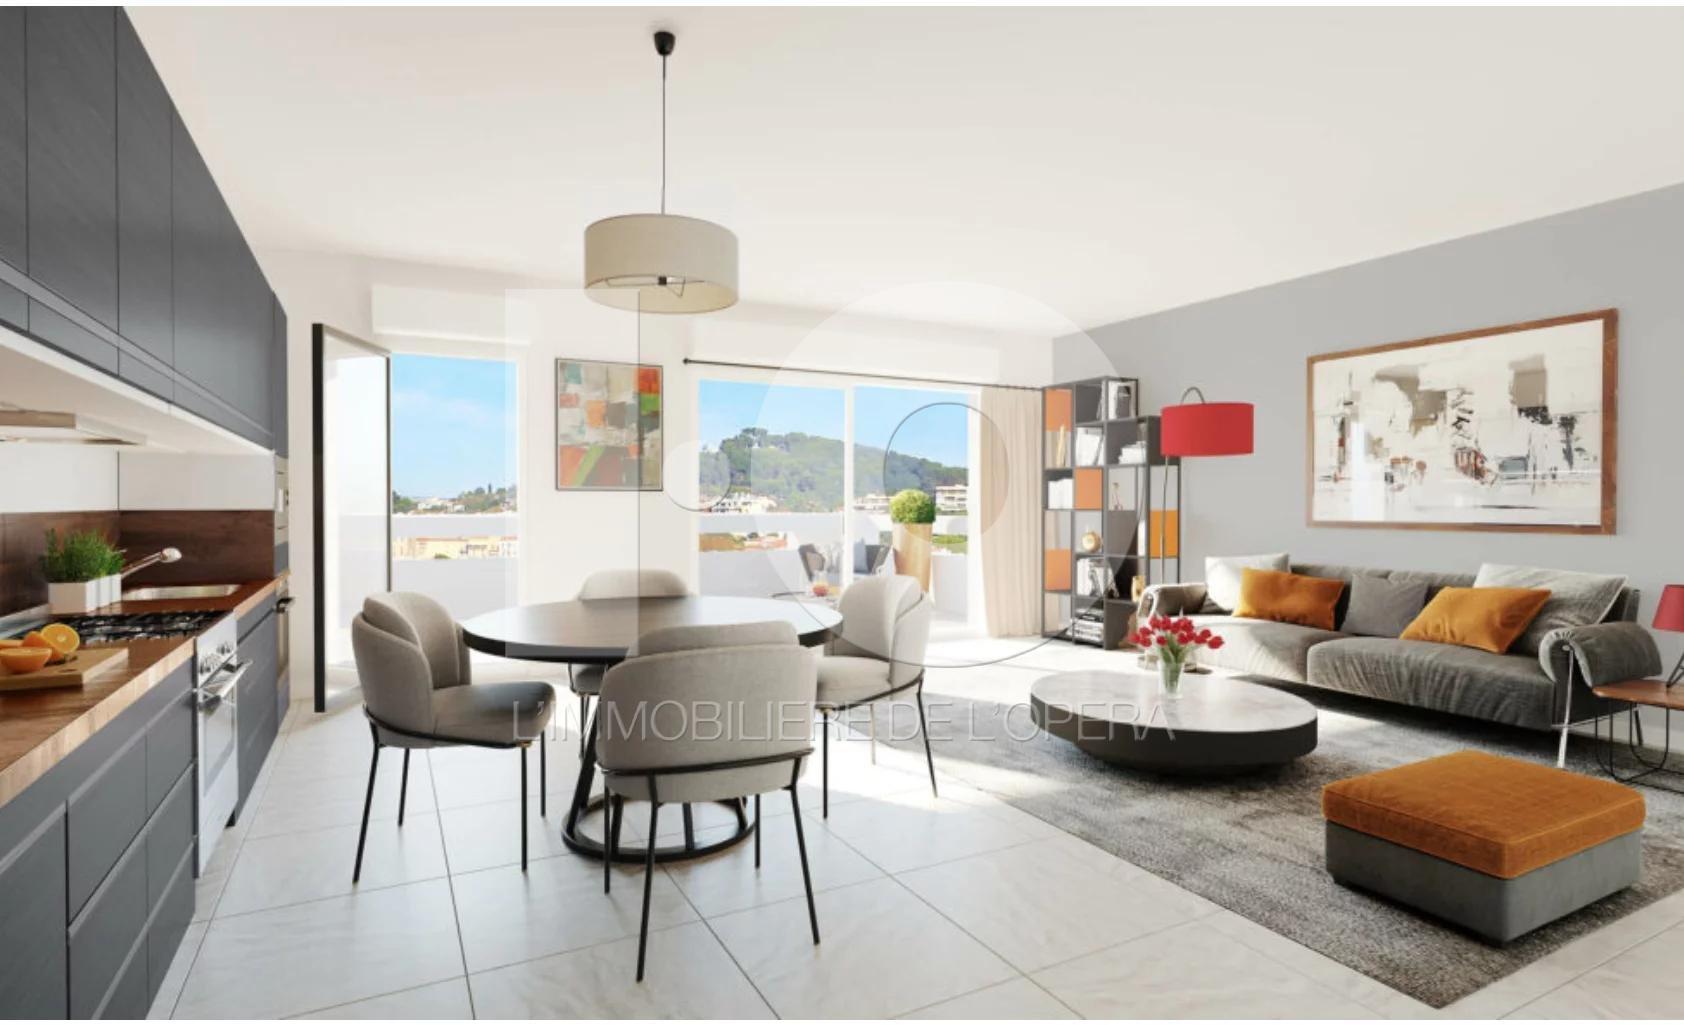 06110 LE CANNET - Appartement 3 pièces de 90 m2, Terrasse 46m2